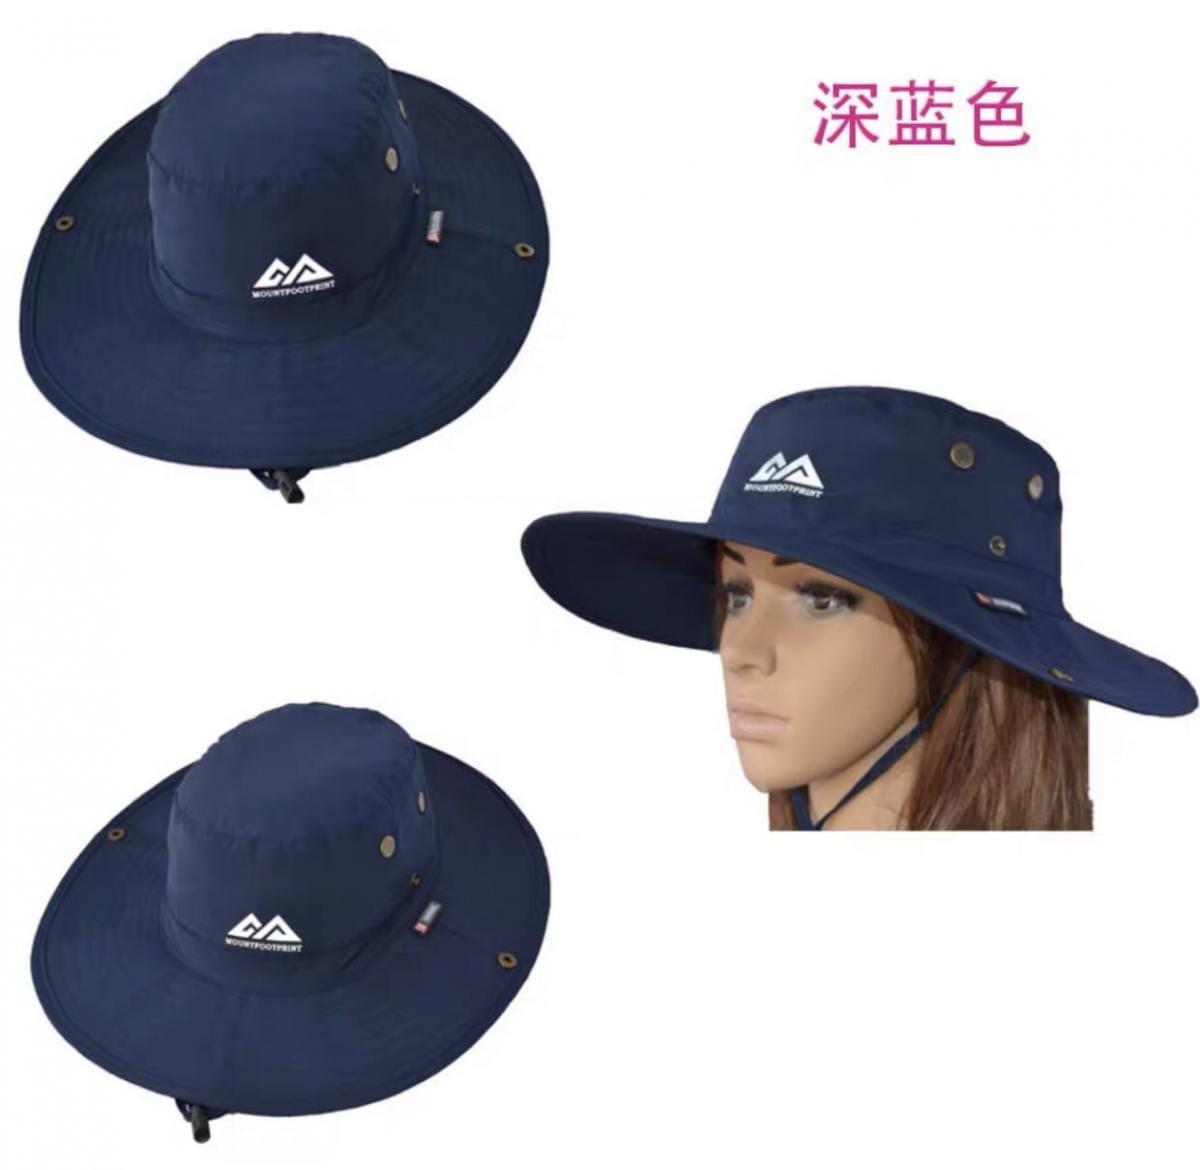 戶外登山健行帽子遮陽防水運動休閒LETS SEA-登山款必備 0